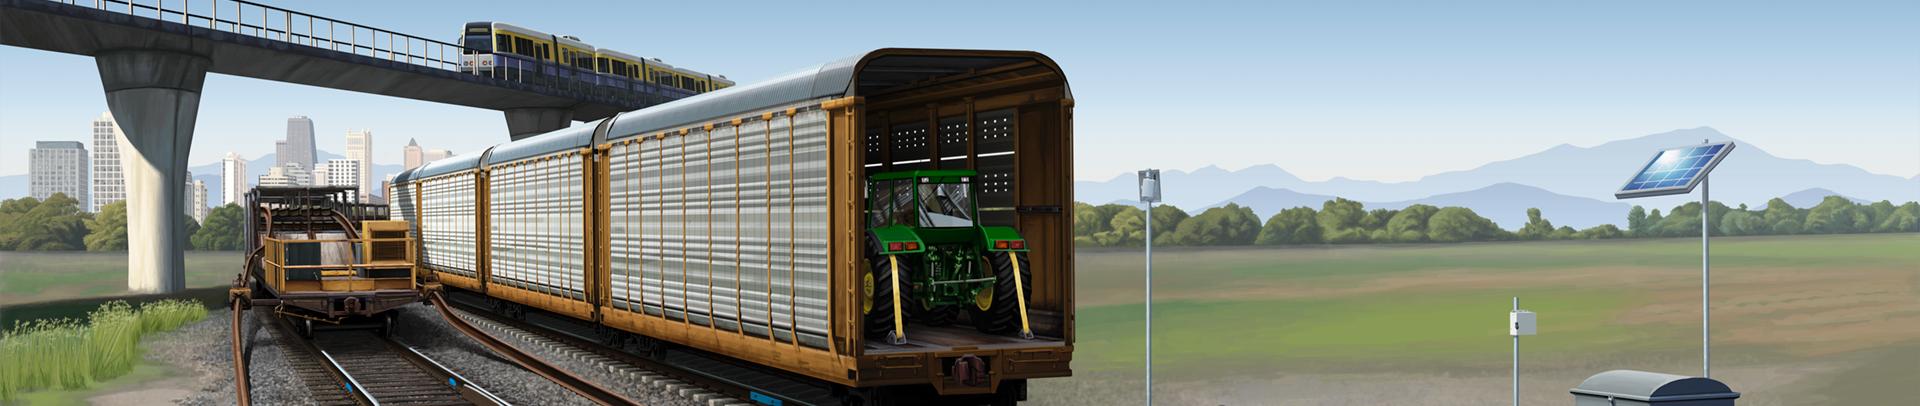 Rail_Slide-1